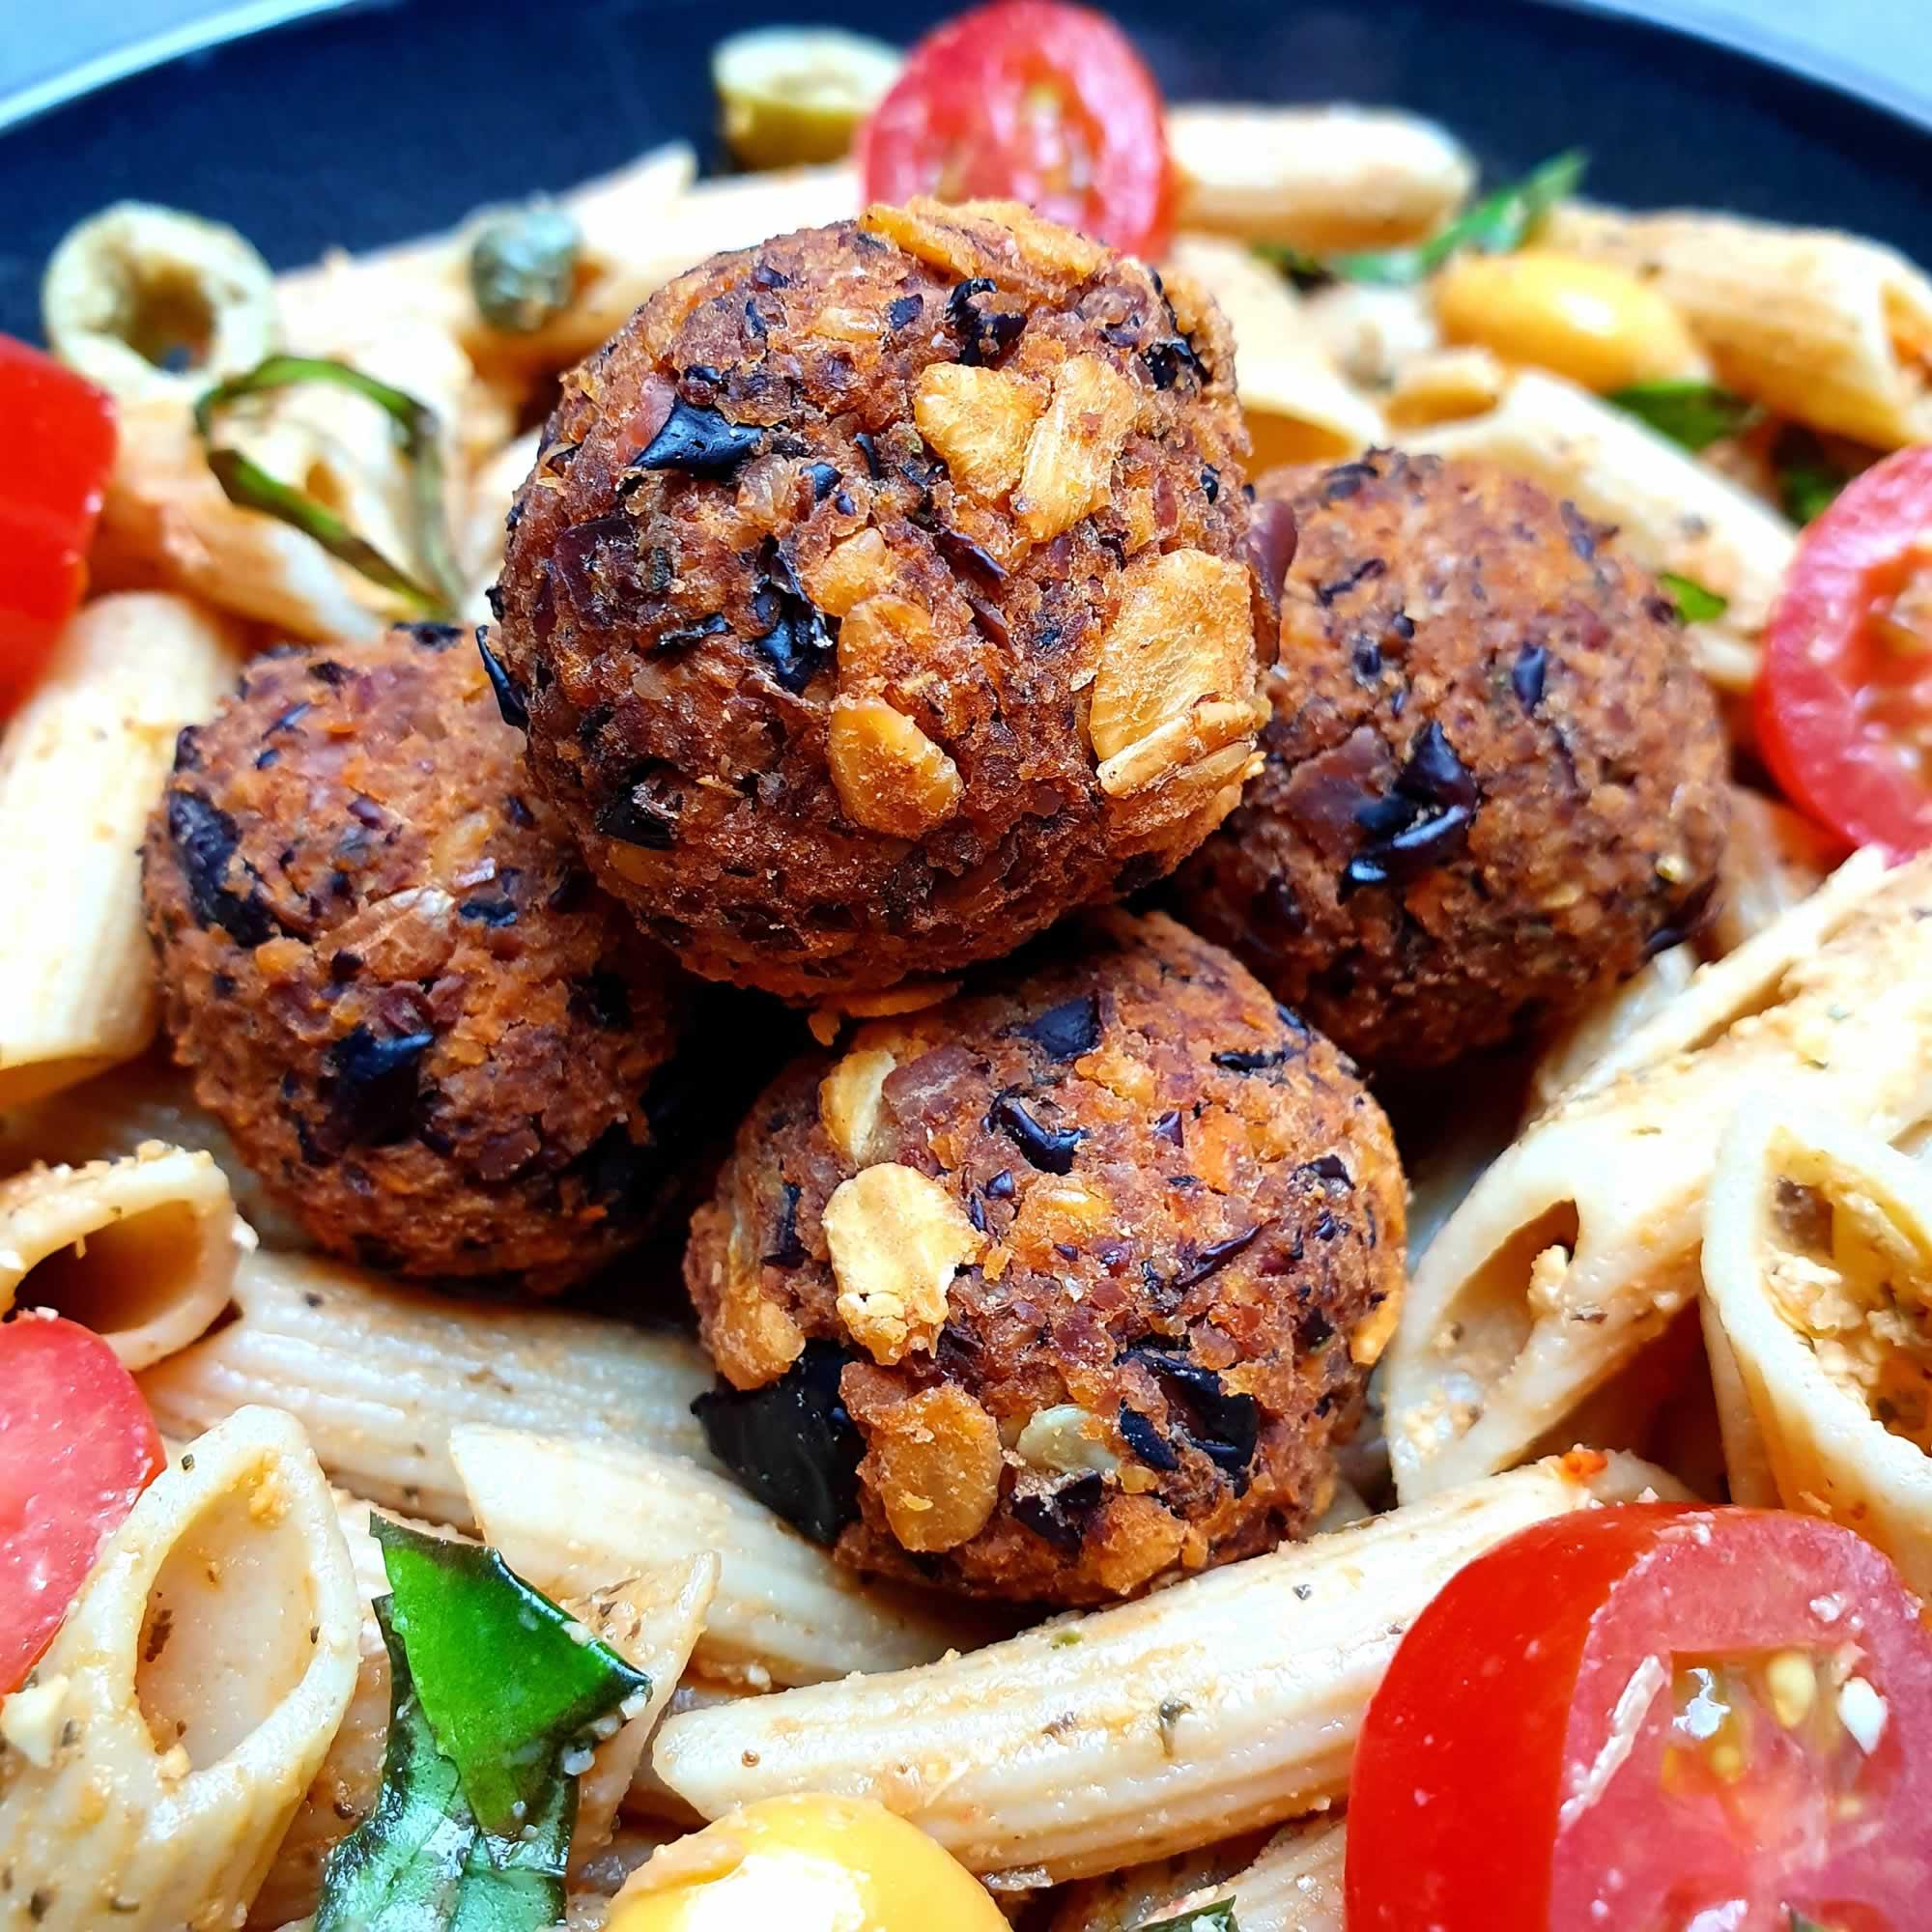 Salade de pâtes au pesto et mini boulettes haricots noirs